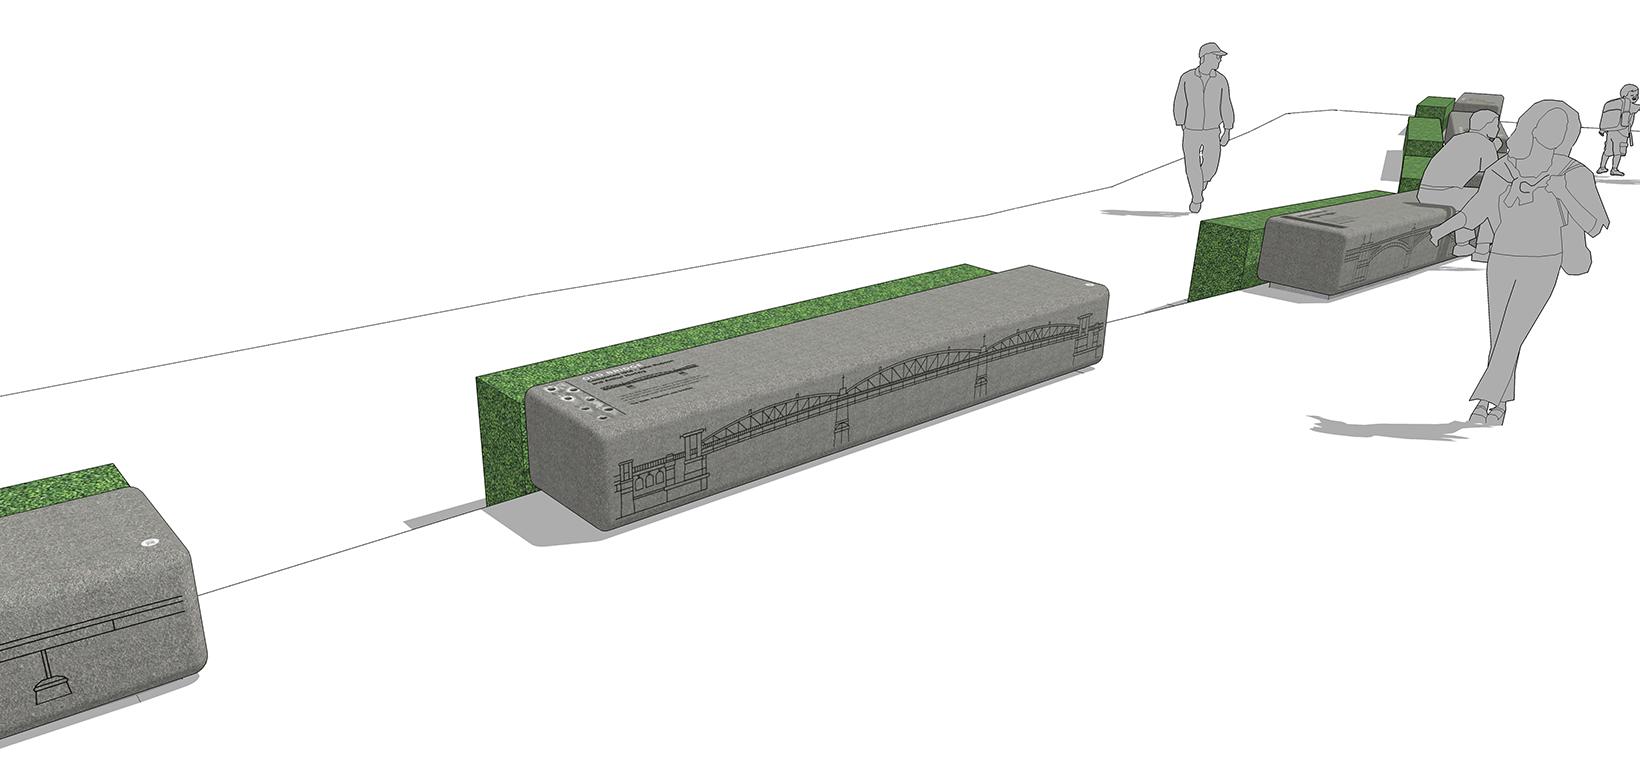 Modele 3D des illustrations de ponts créés sur des bancs pour Rochester Bridge